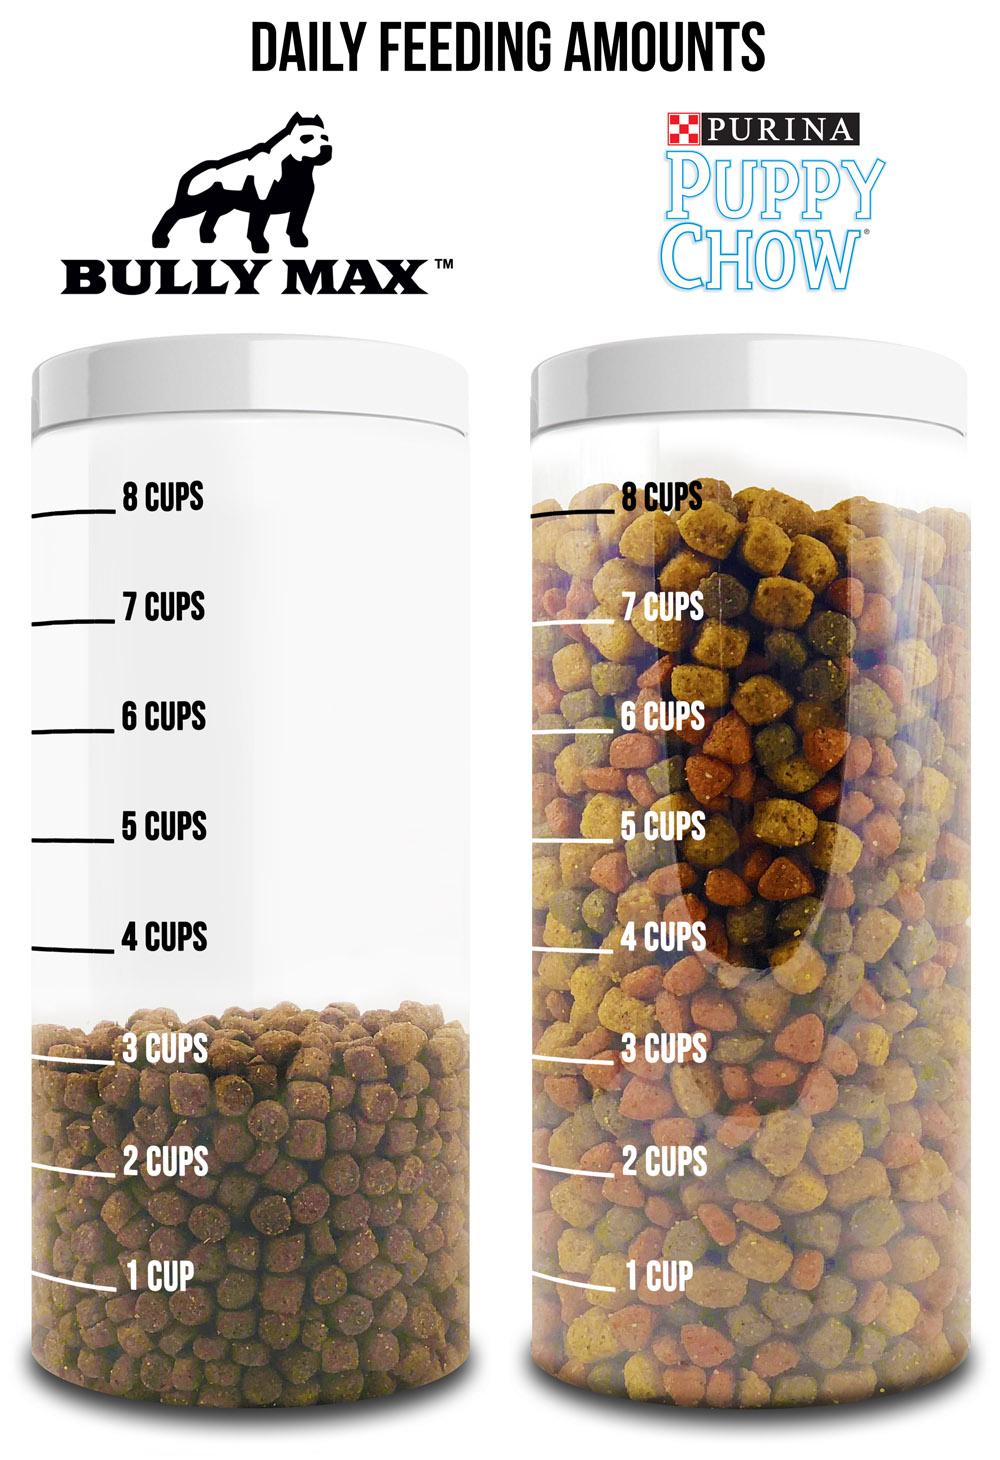 better-than-puppy-chow.jpg